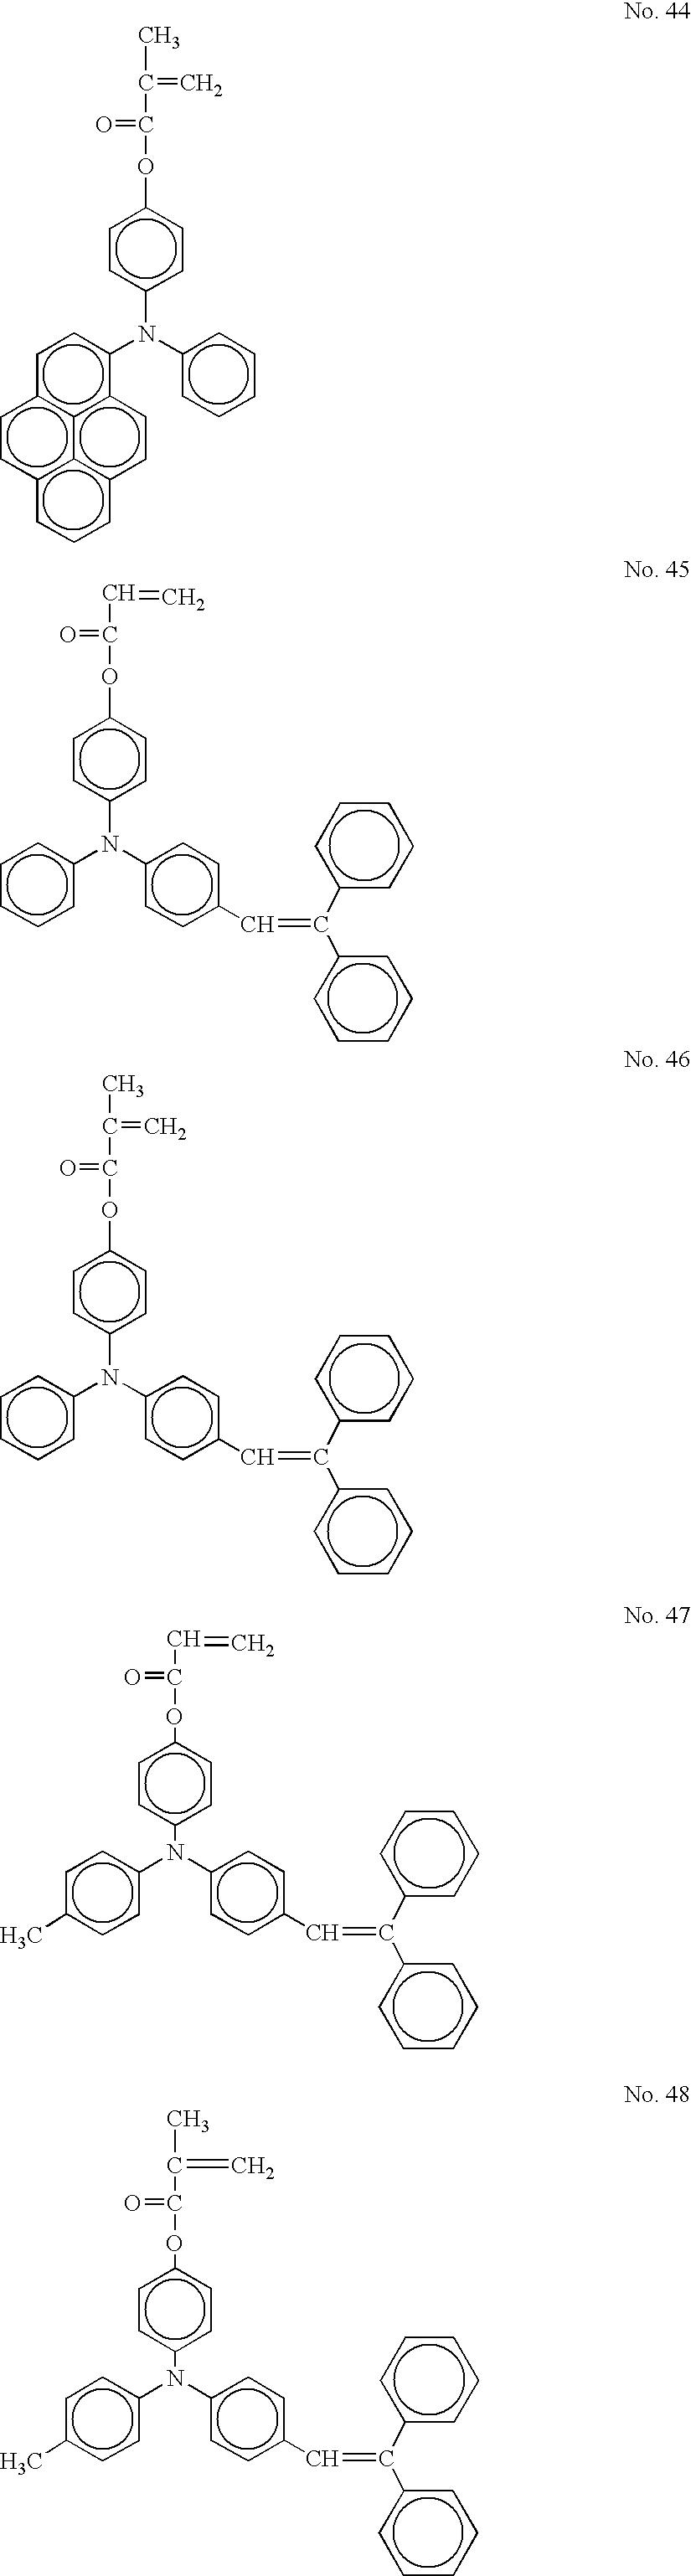 Figure US20070059619A1-20070315-C00023